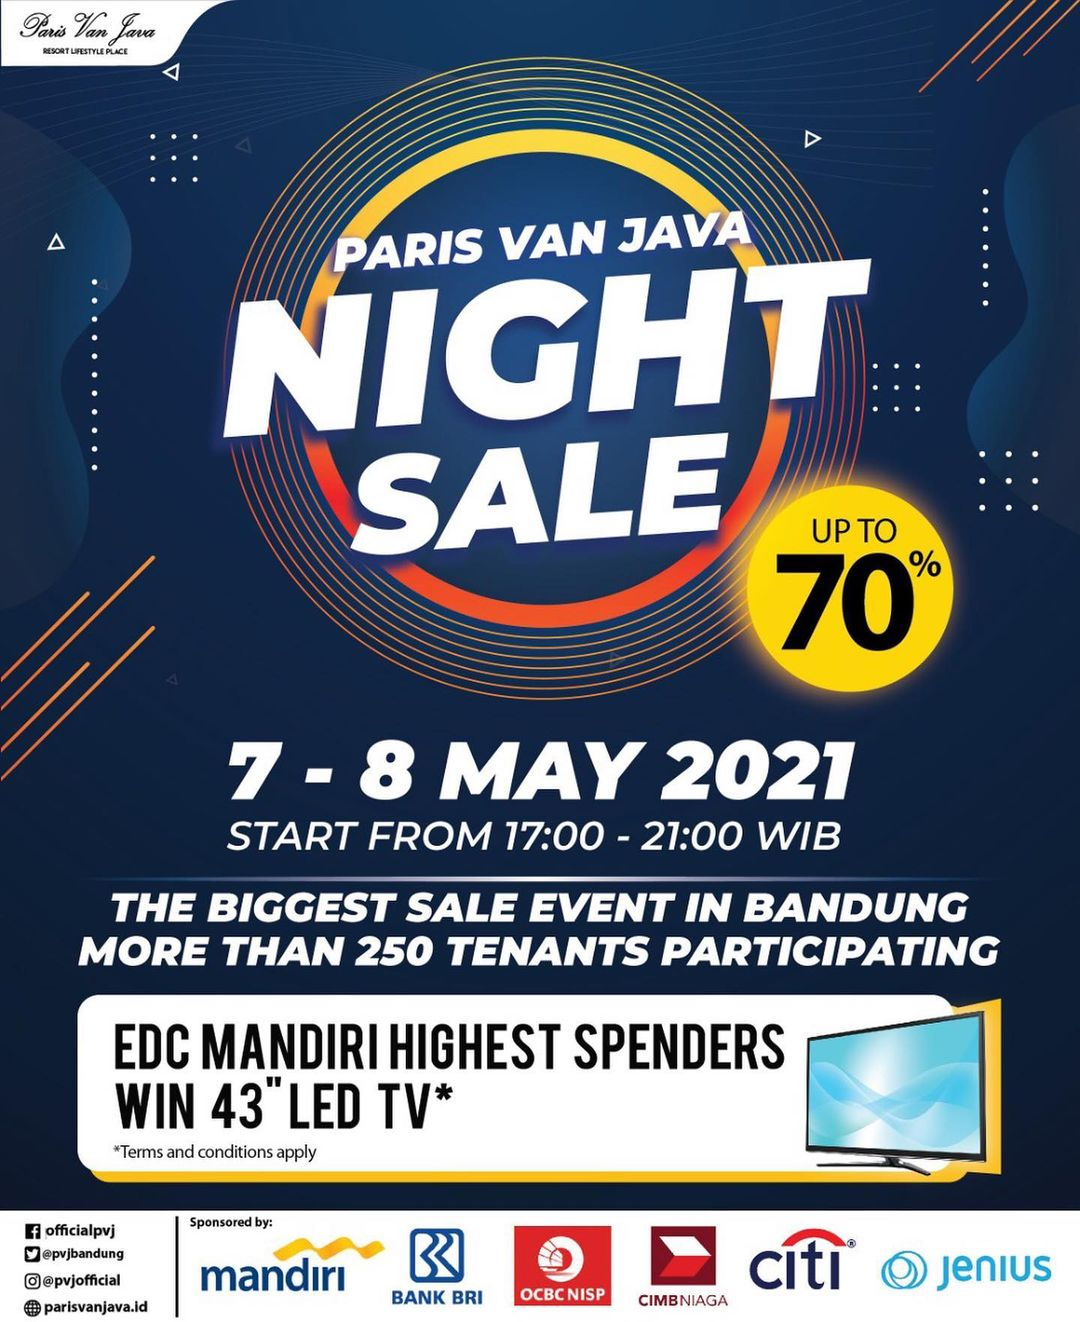 Paris Van Java NIGHT Sale - Discount up to 70% off BERLAKU hanya 2 hari, tanggal 07-08 Mei 2021